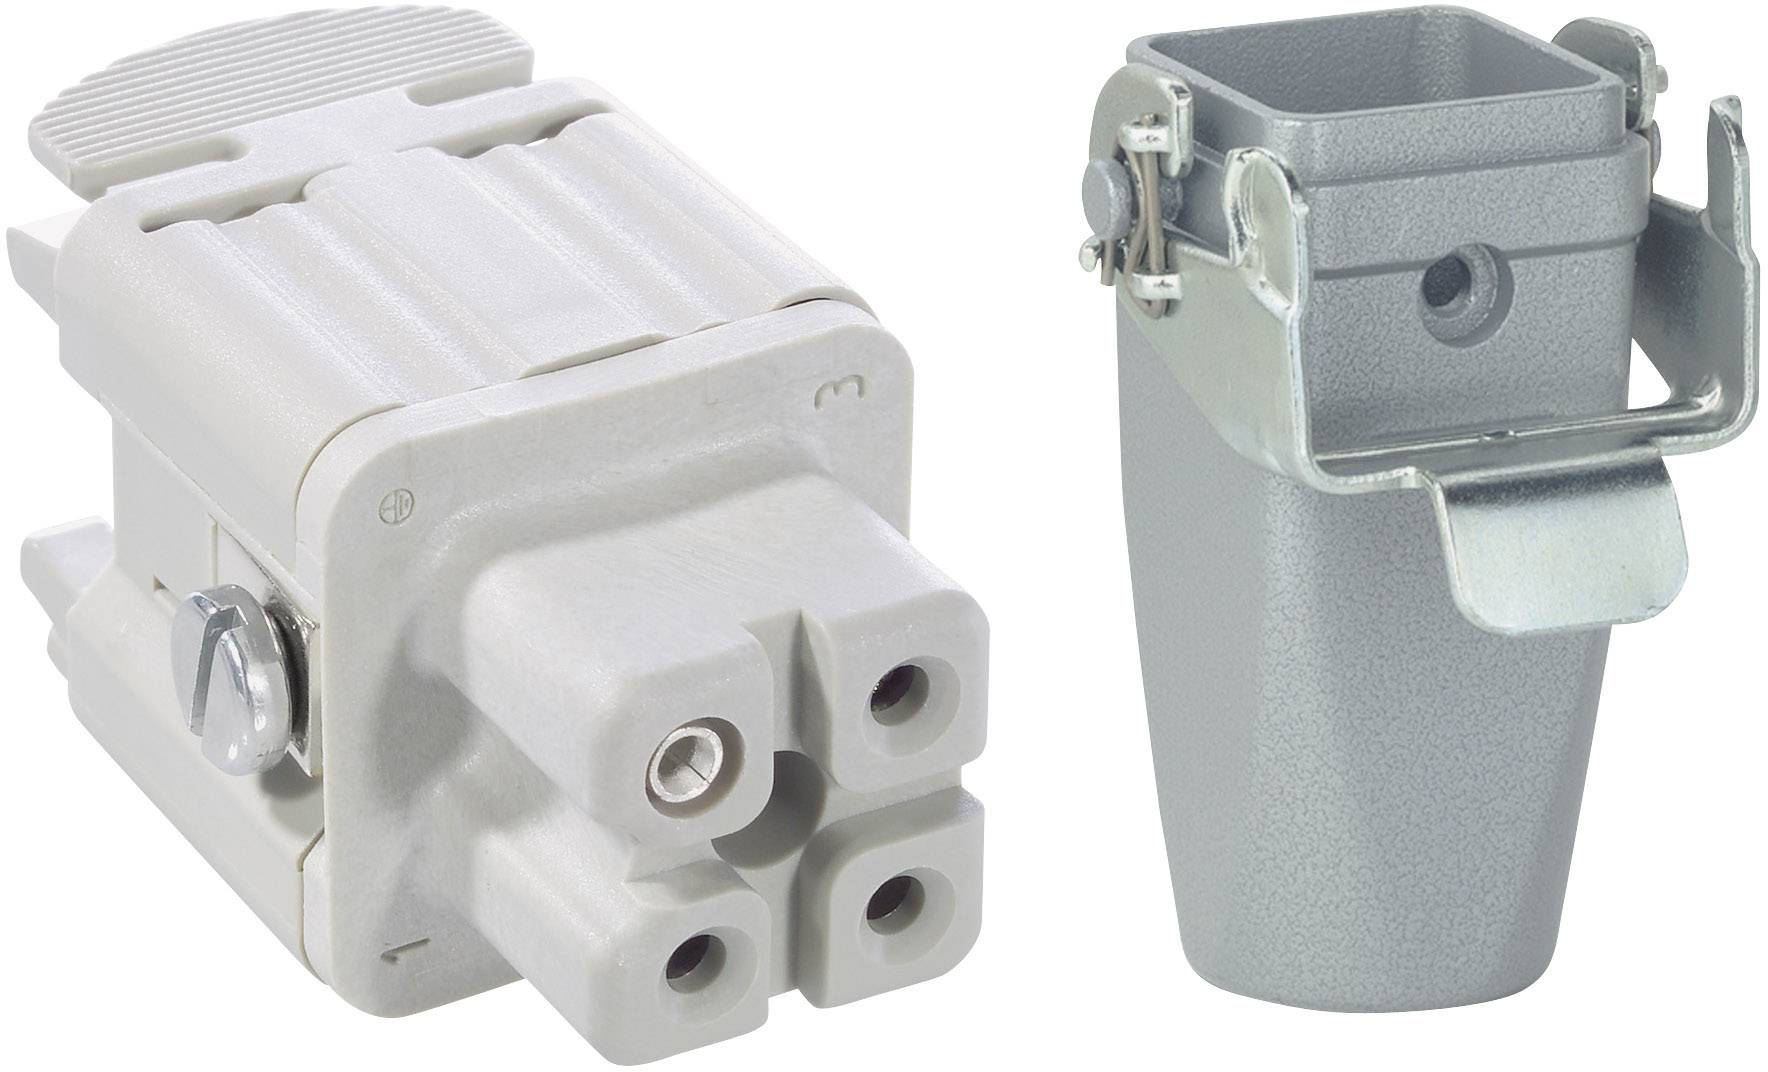 Sada konektorů EPIC®KIT H-A 3 75009612 LappKabel 3 + PE šroubovací 1 sada